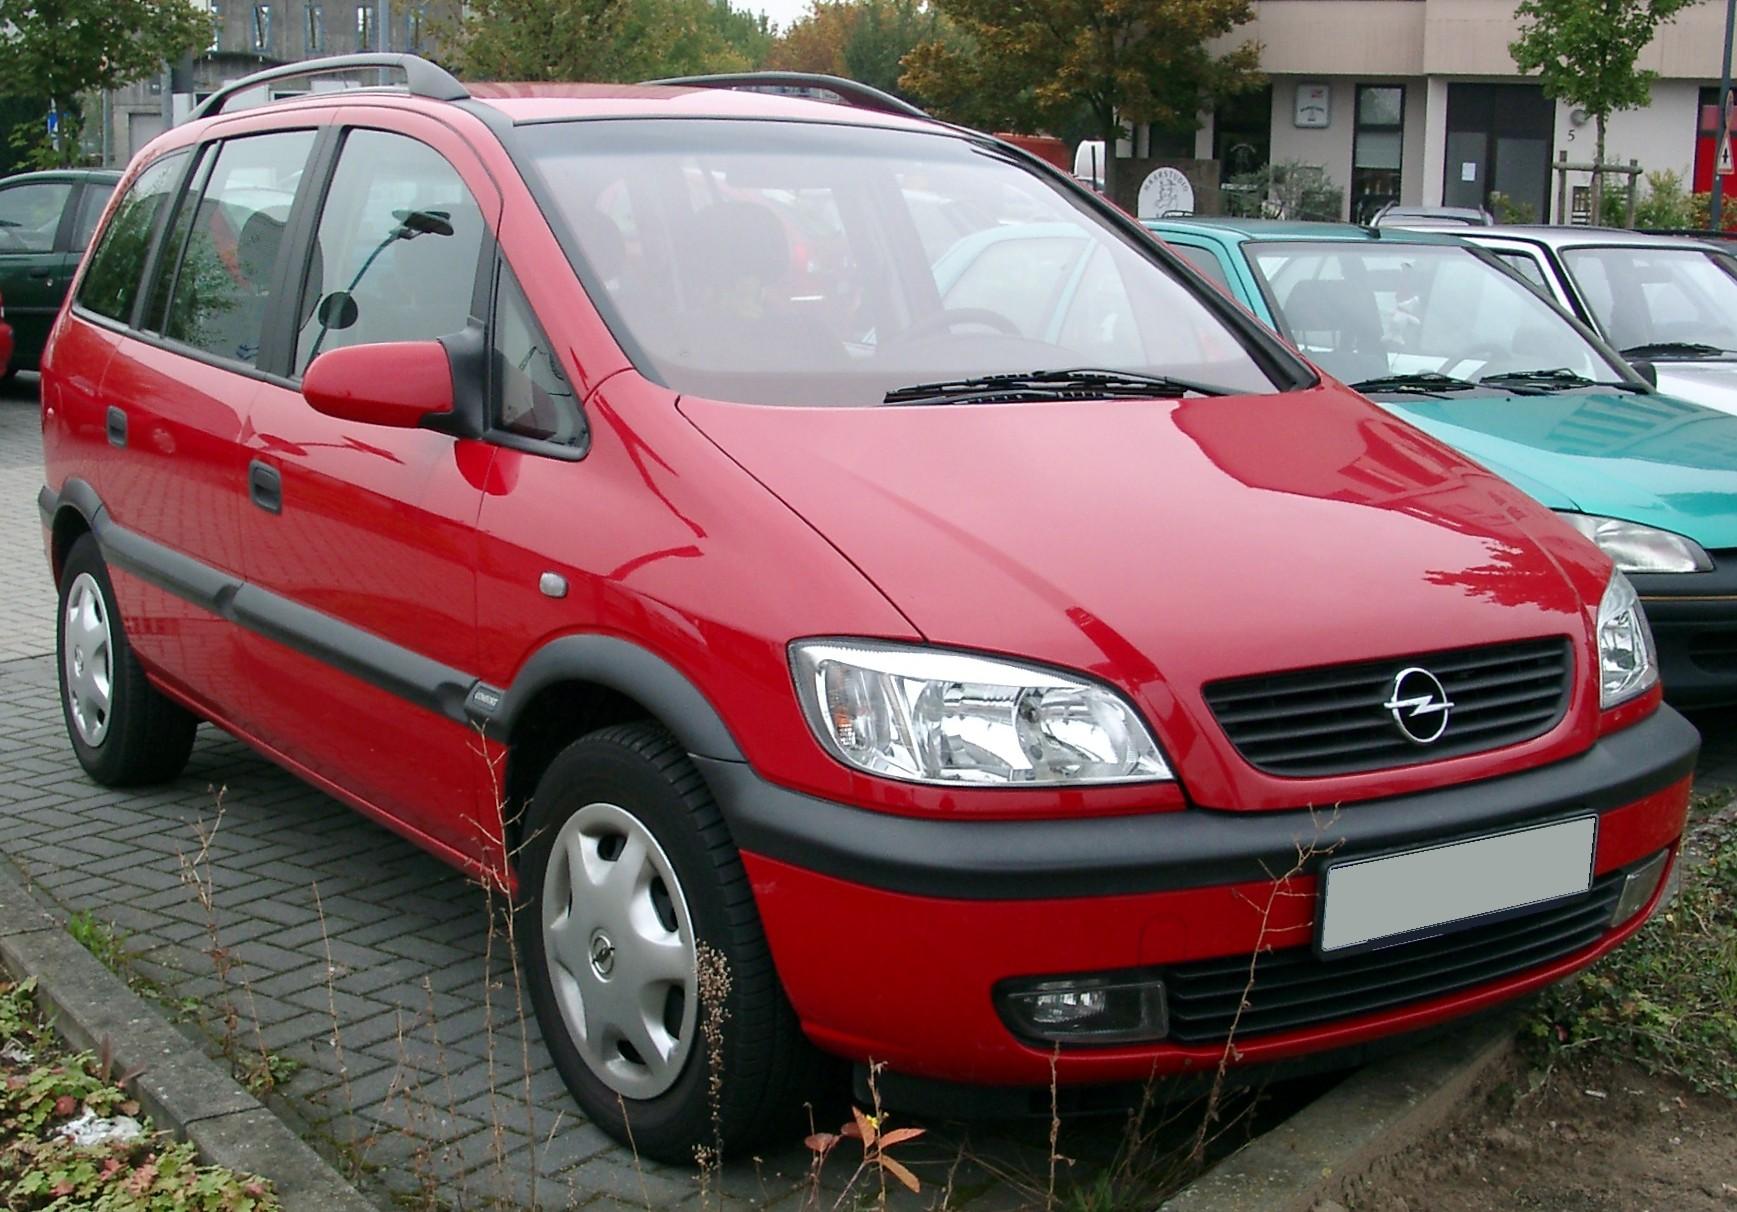 Opel Zafira Colombia Opel Zafira a Wikiwand